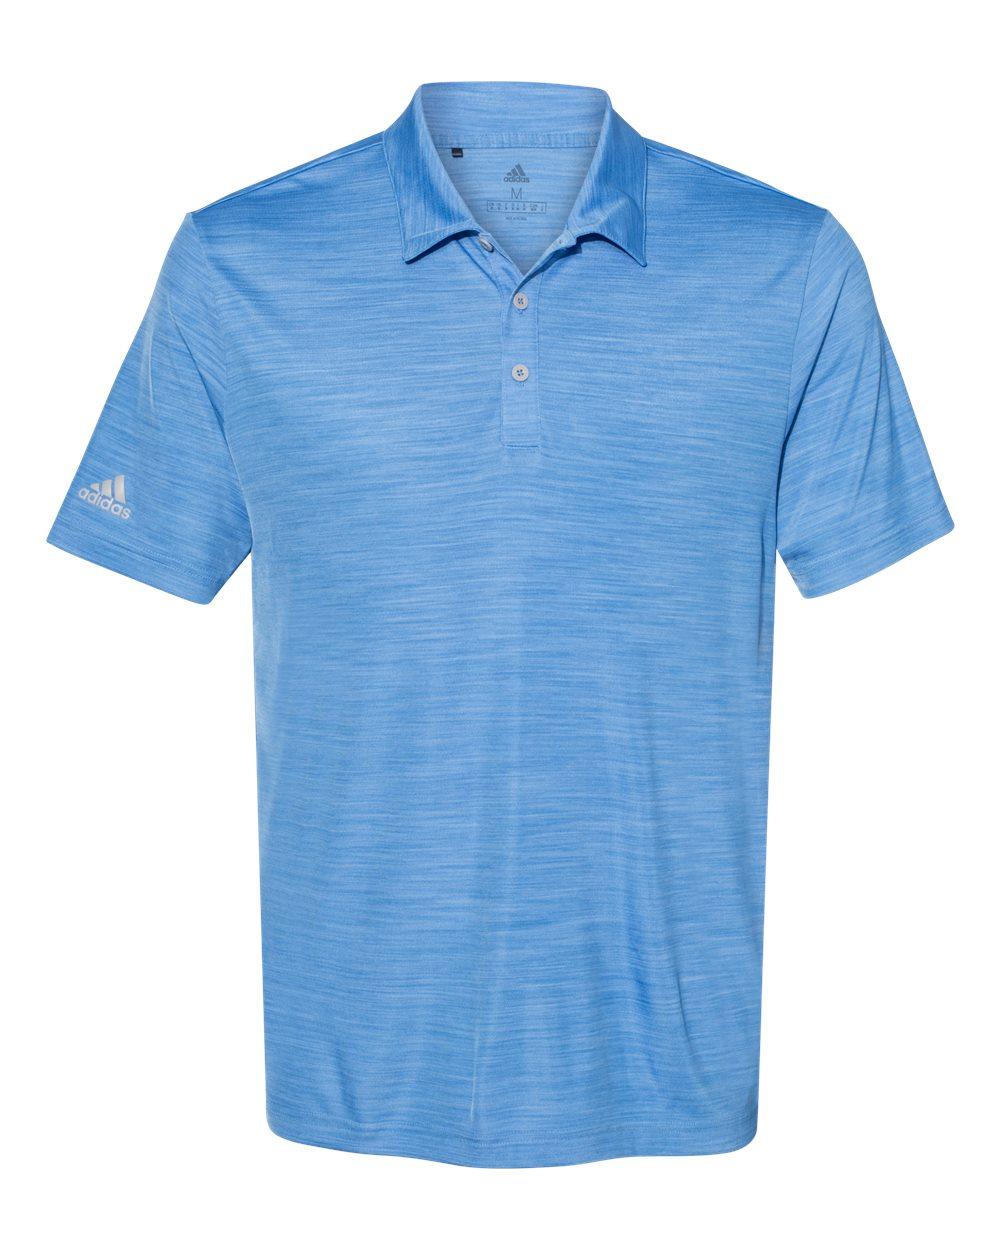 Adidas A402 - Melange Sport Shirt